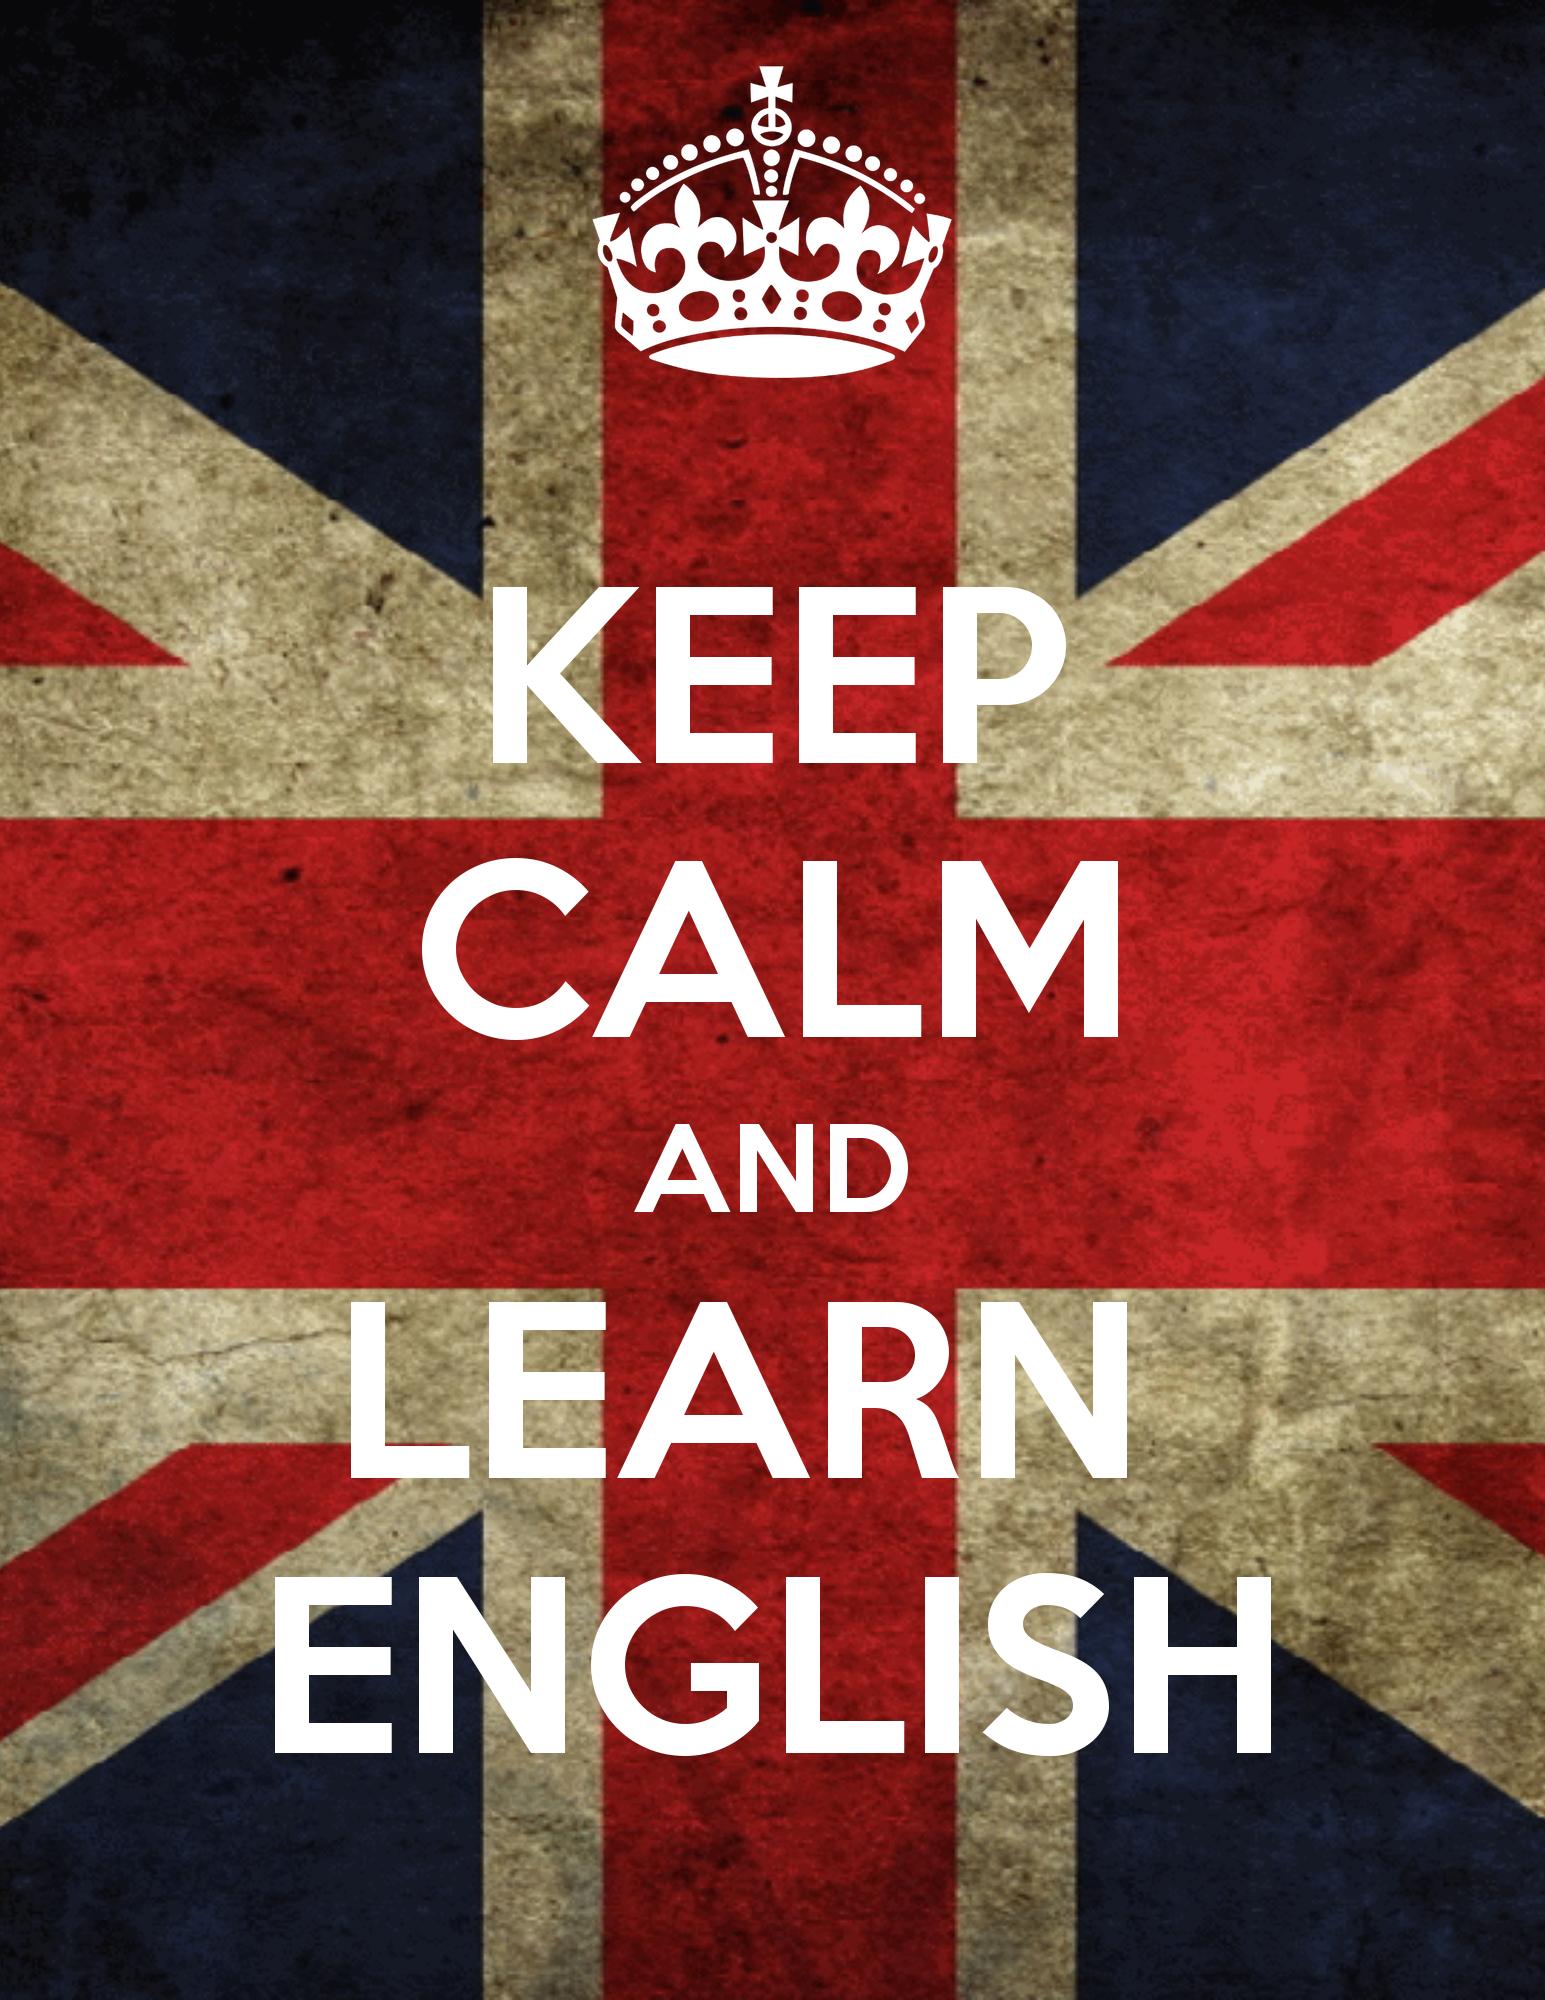 Прикольные картинки для изучения английского, жду